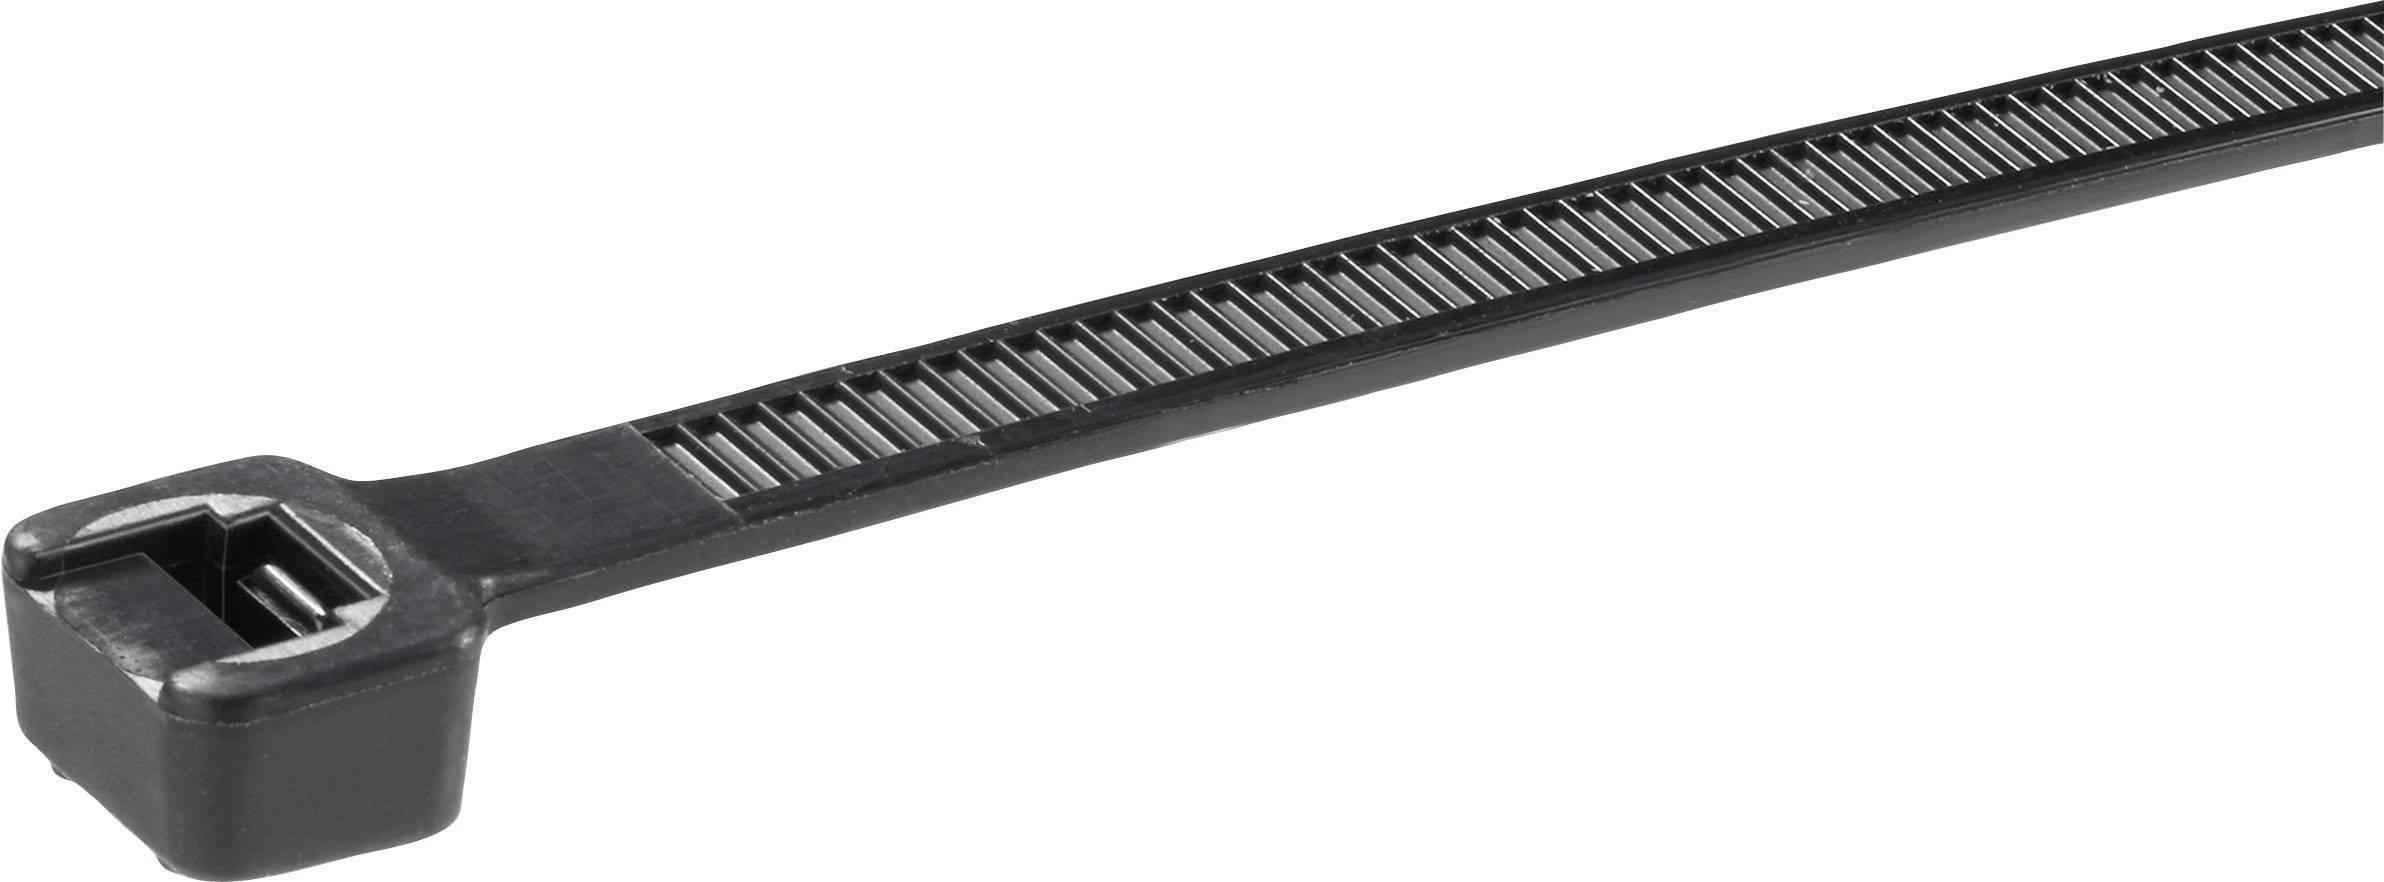 Serre-Câbles 100 x 2,5 couleur noir VE 500